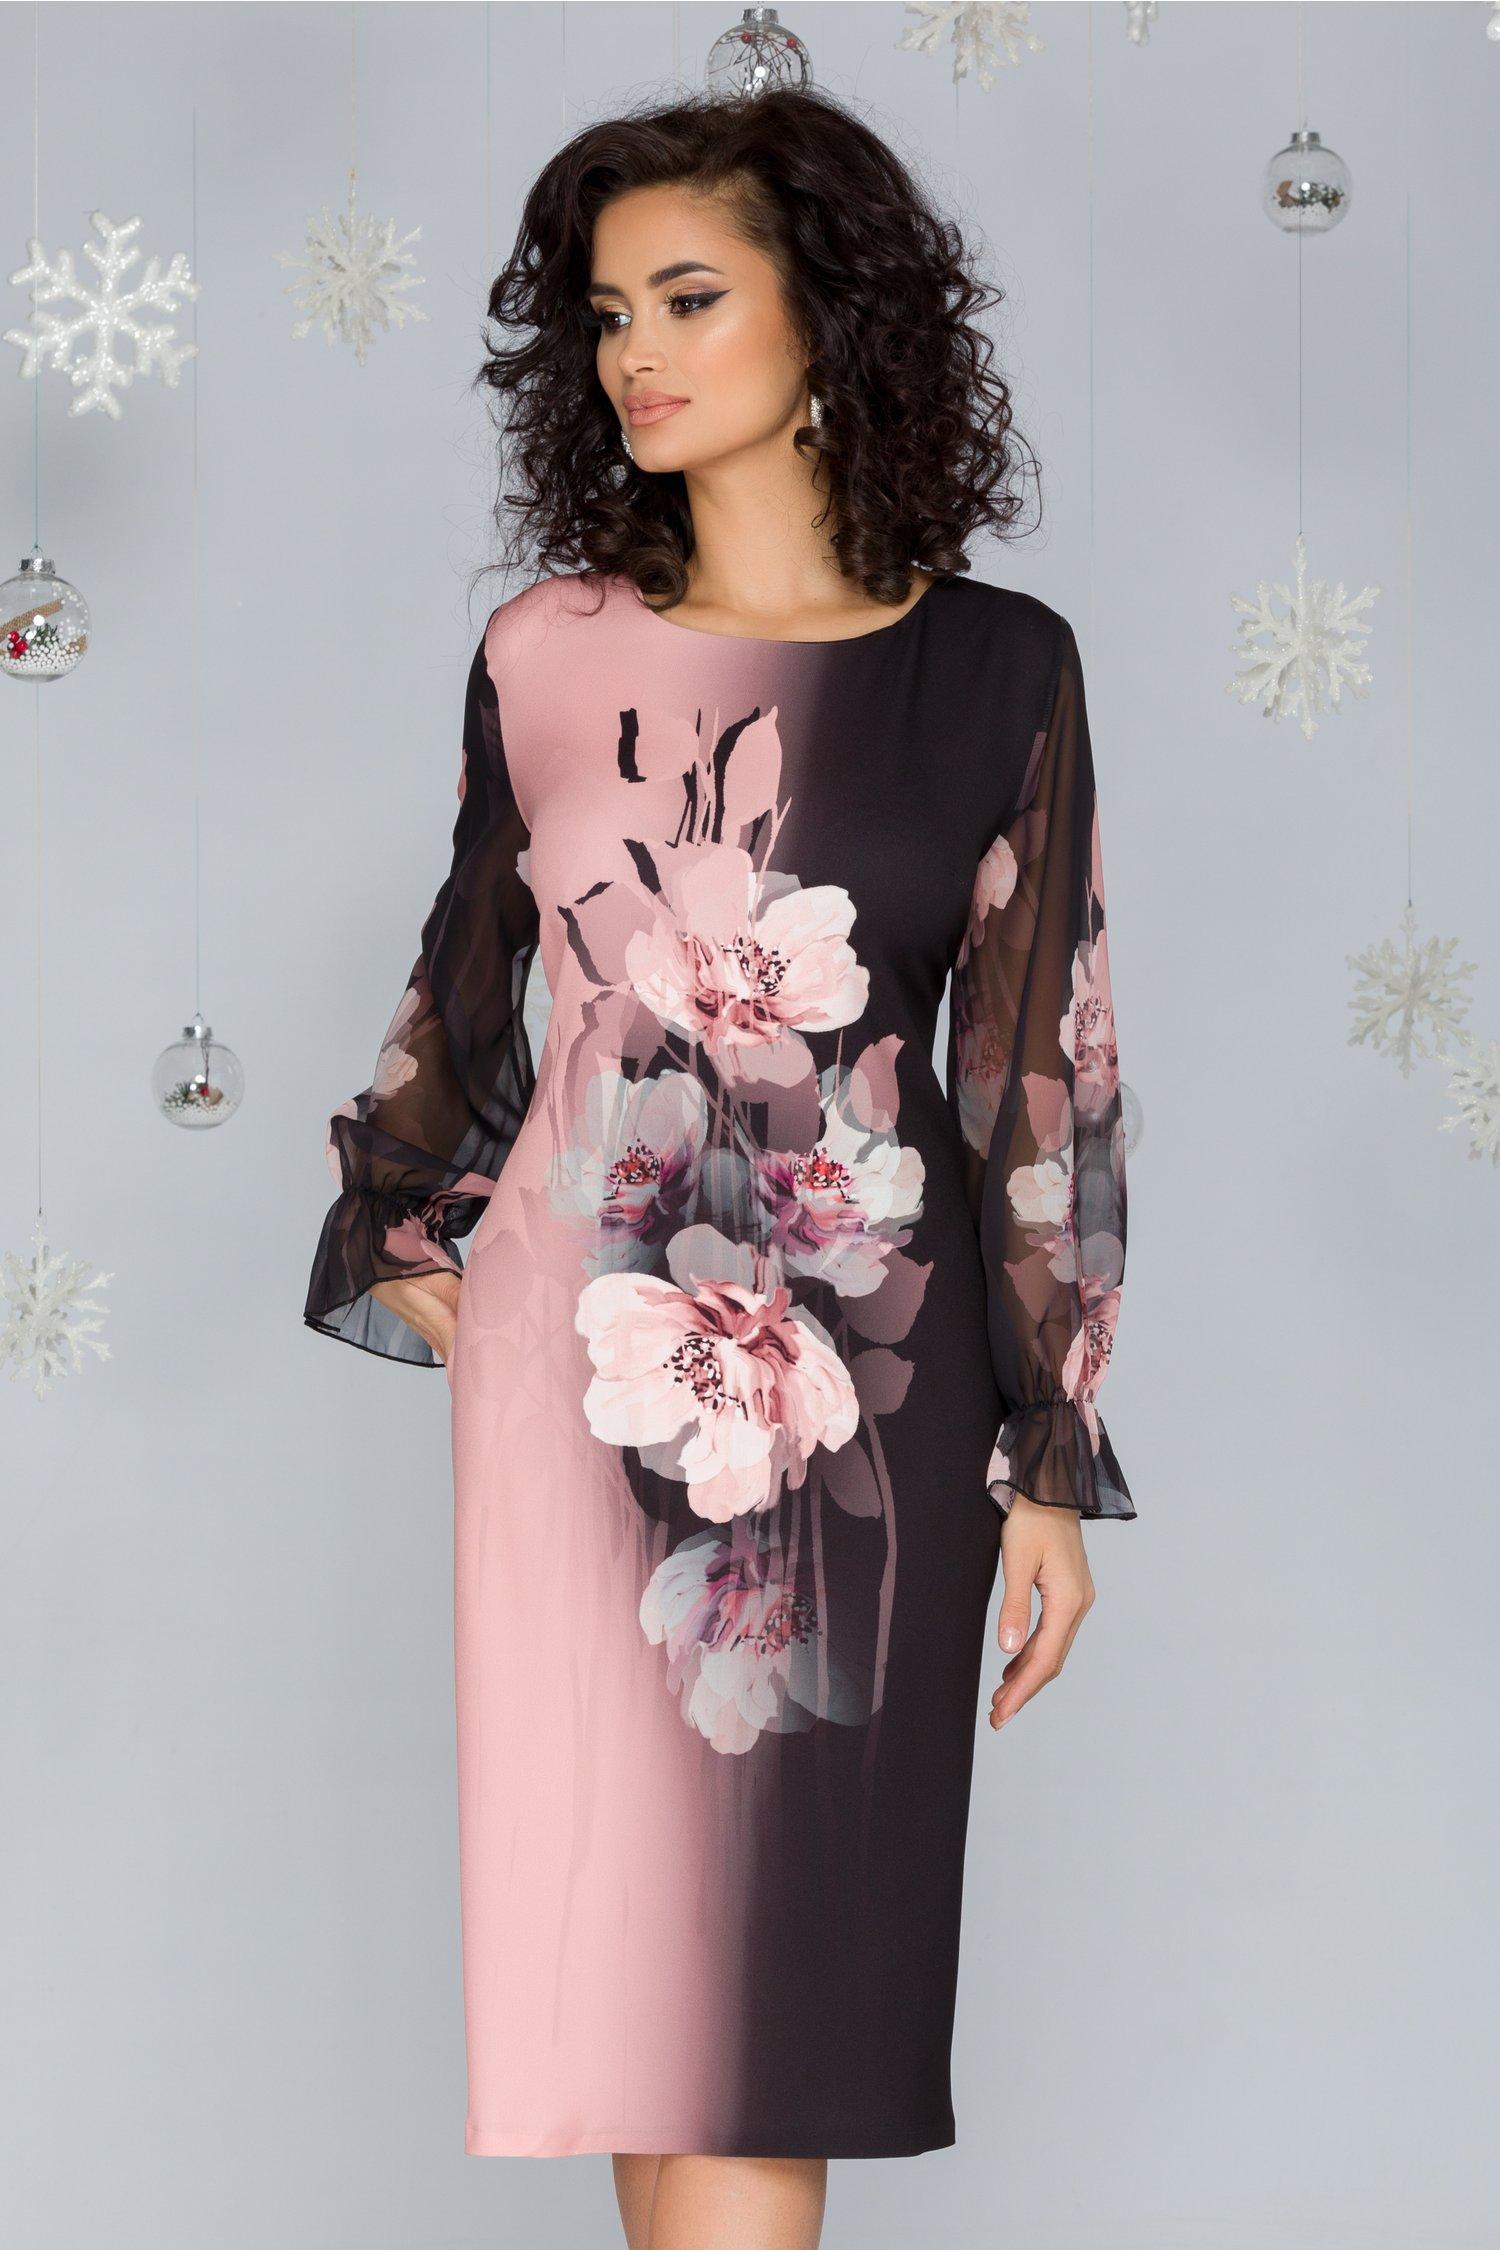 Rochie Clara negru cu roz pudrat si imprimeu floral maxi pe mijloc